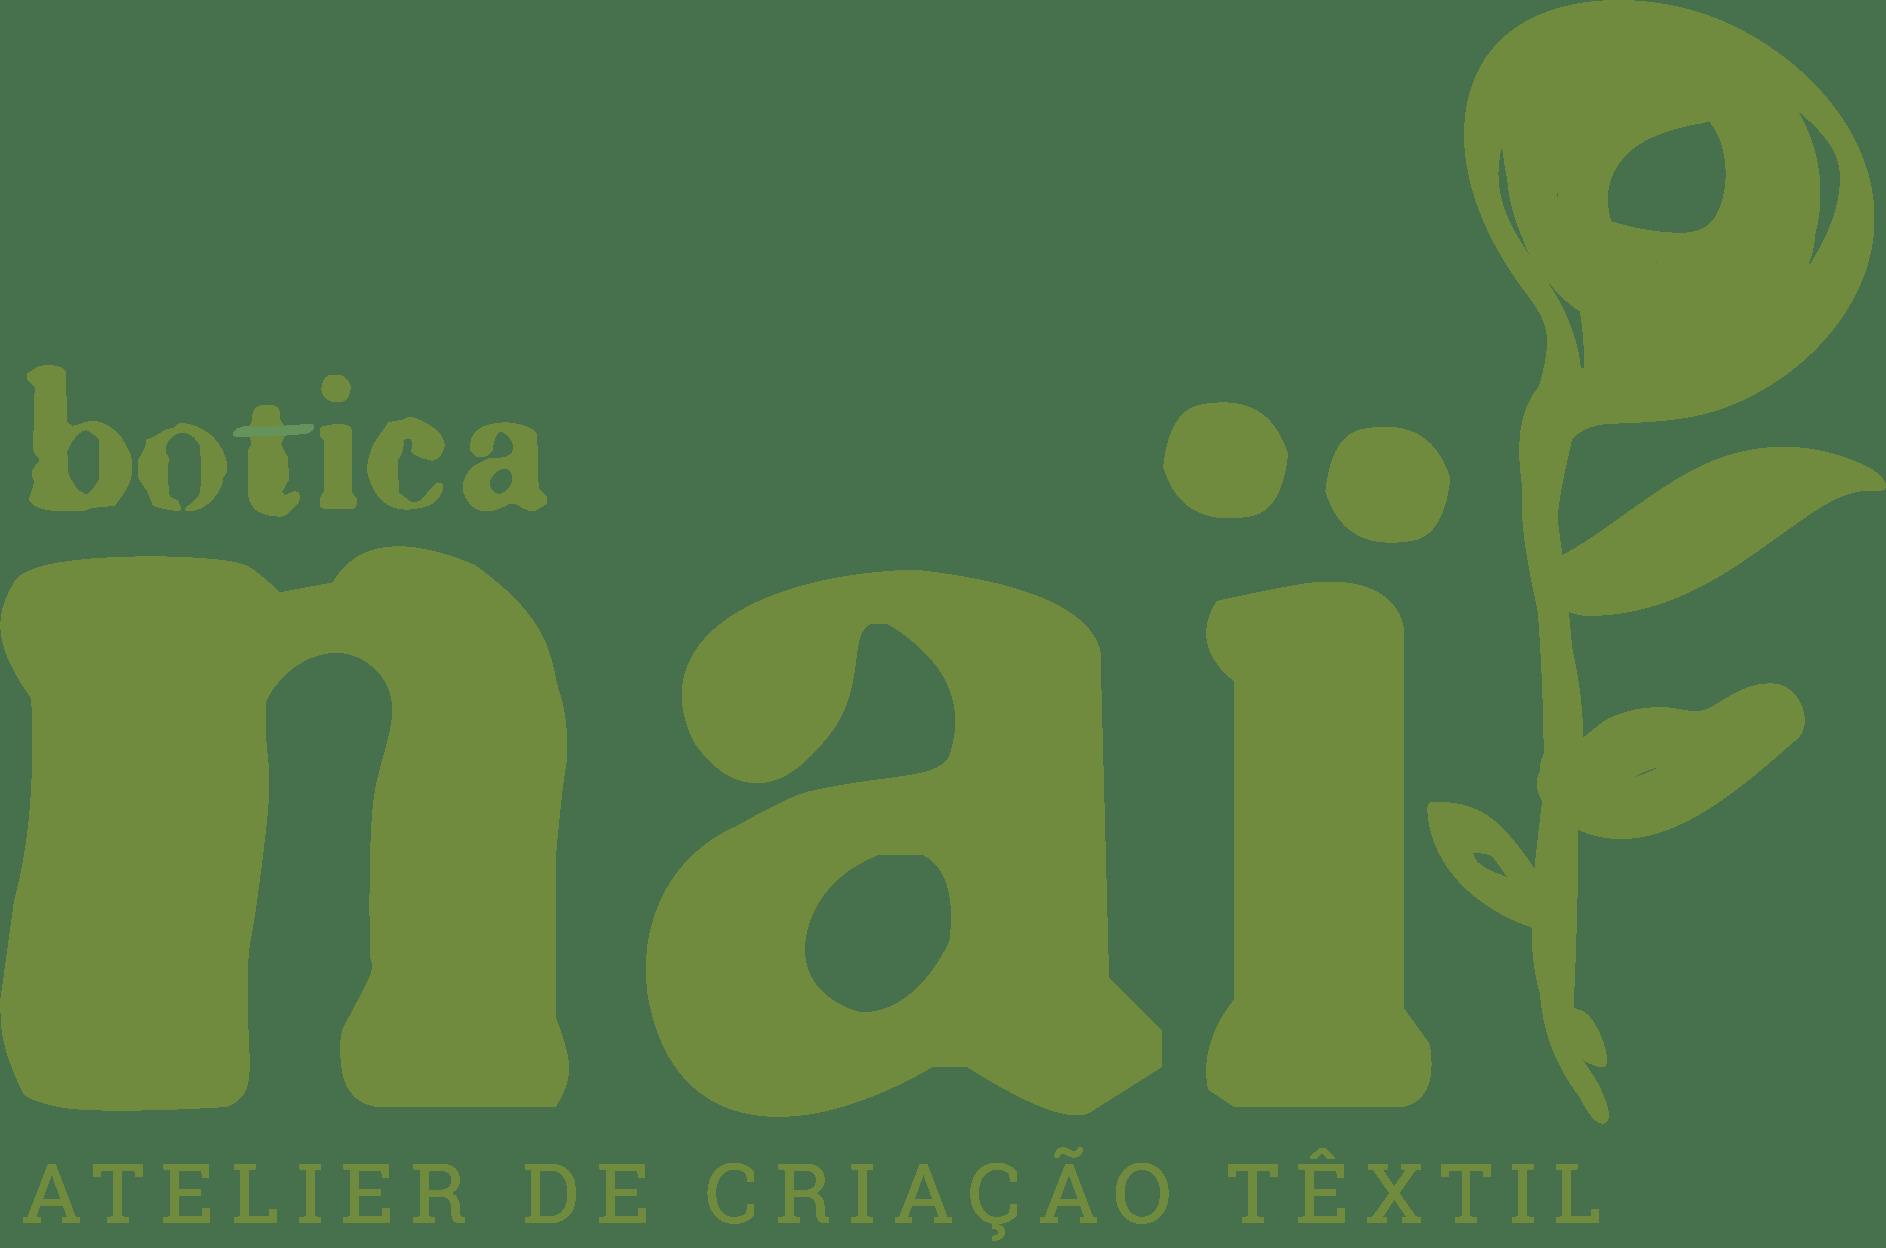 Botica Naïf